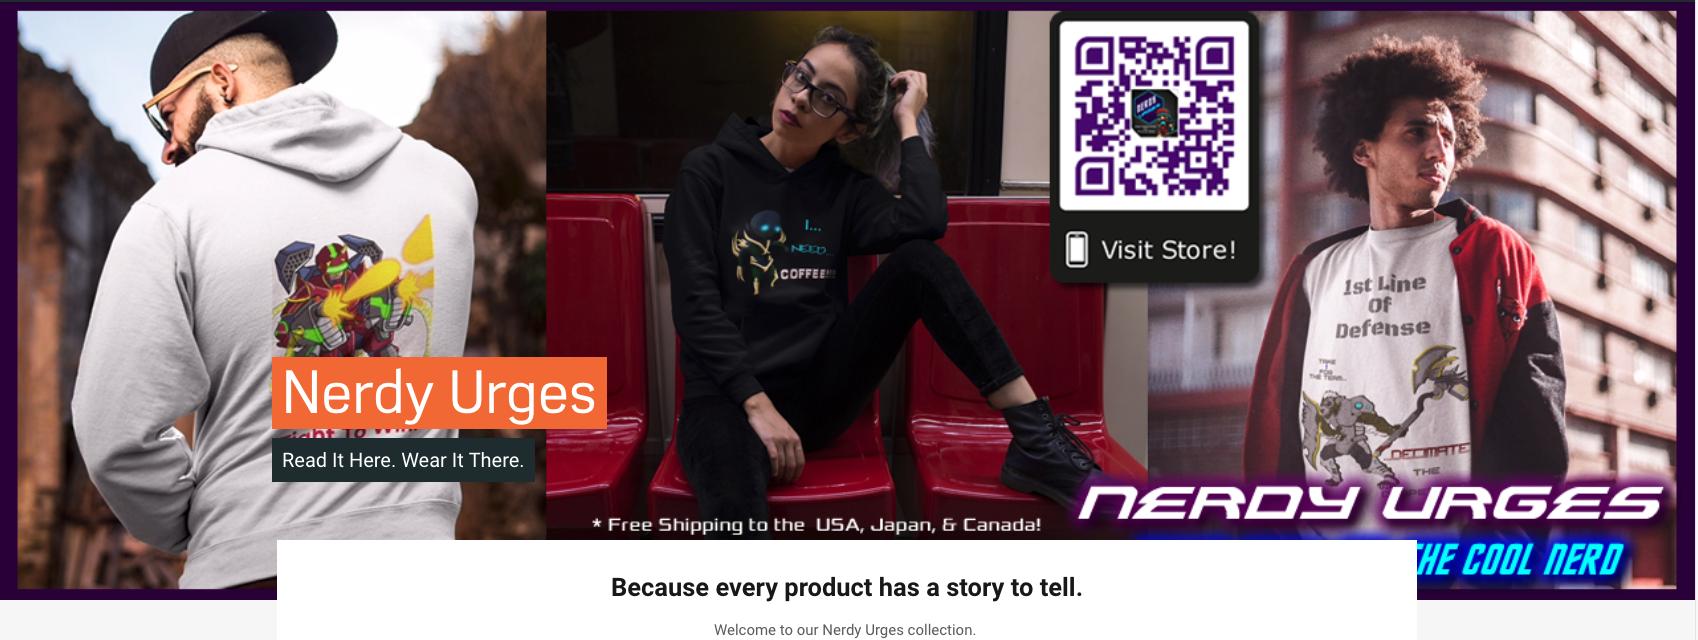 Nerdy Urges Online Store